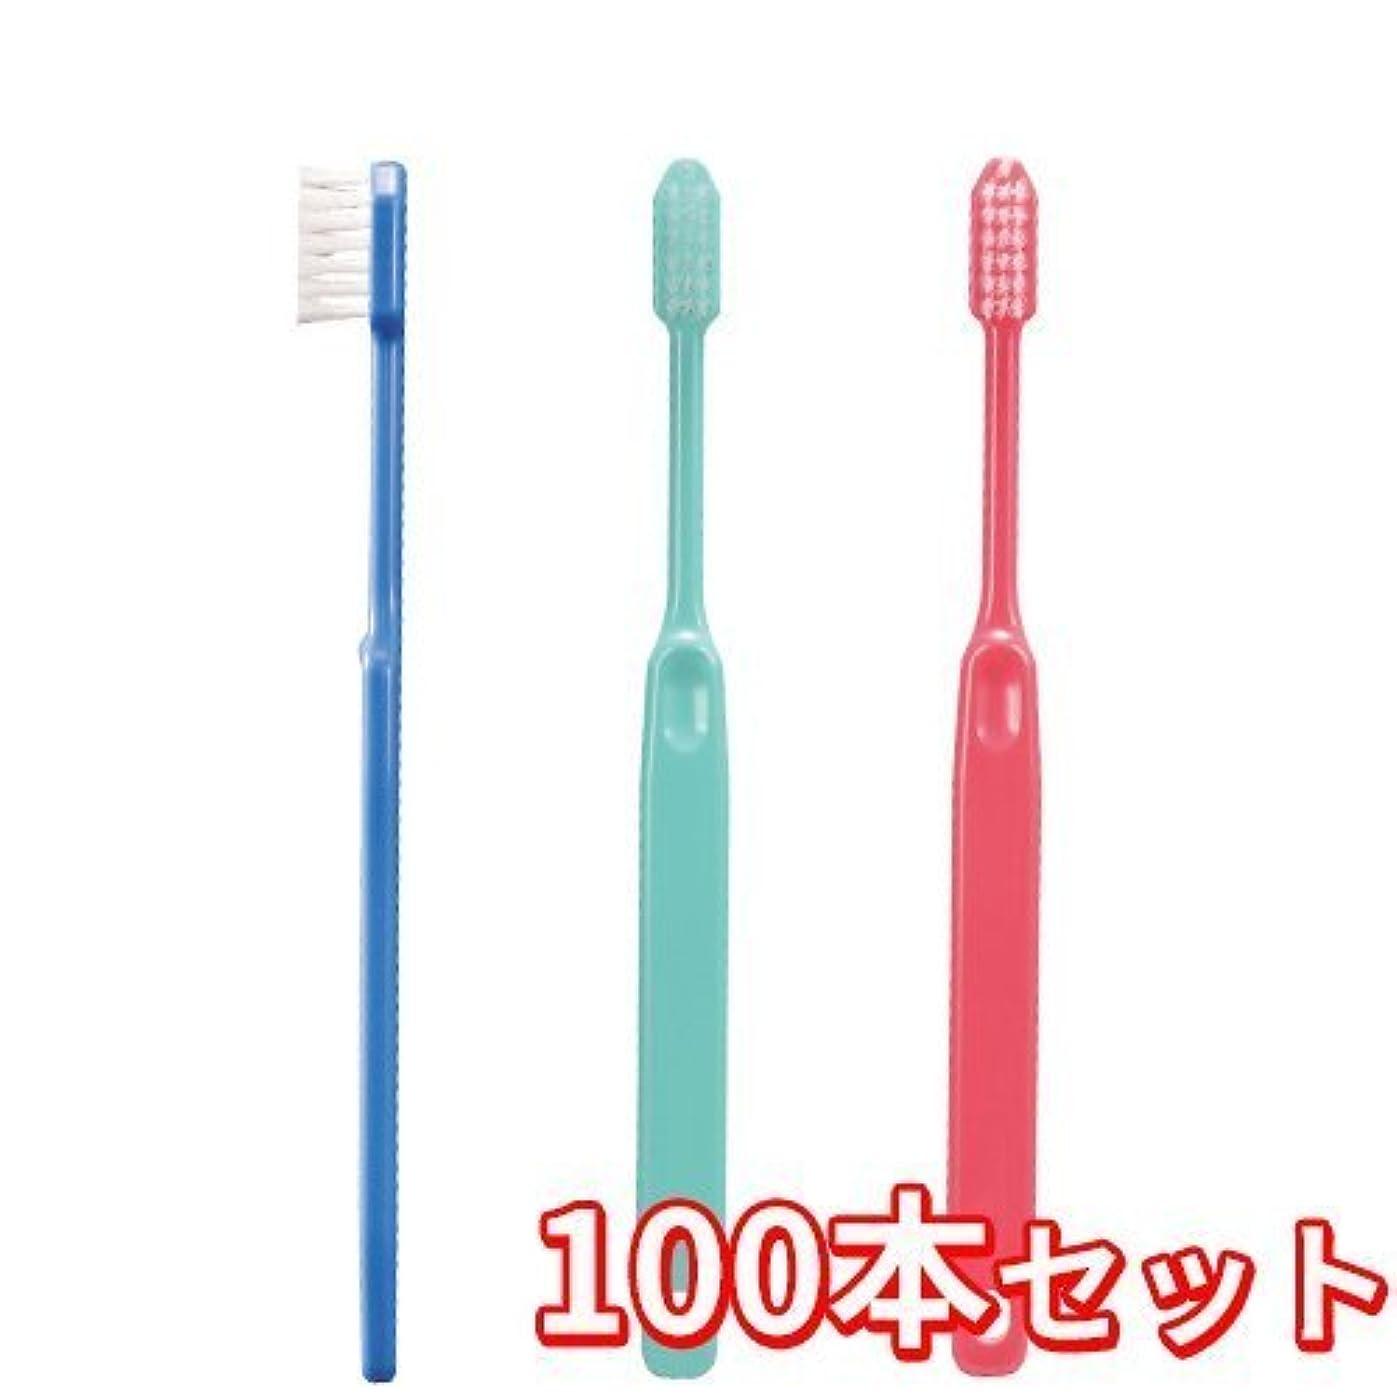 役に立たない人生を作る動作Ciメディカル 歯ブラシ コンパクトヘッド 疎毛タイプ アソート 100本 (Ci23(やややわらかめ))